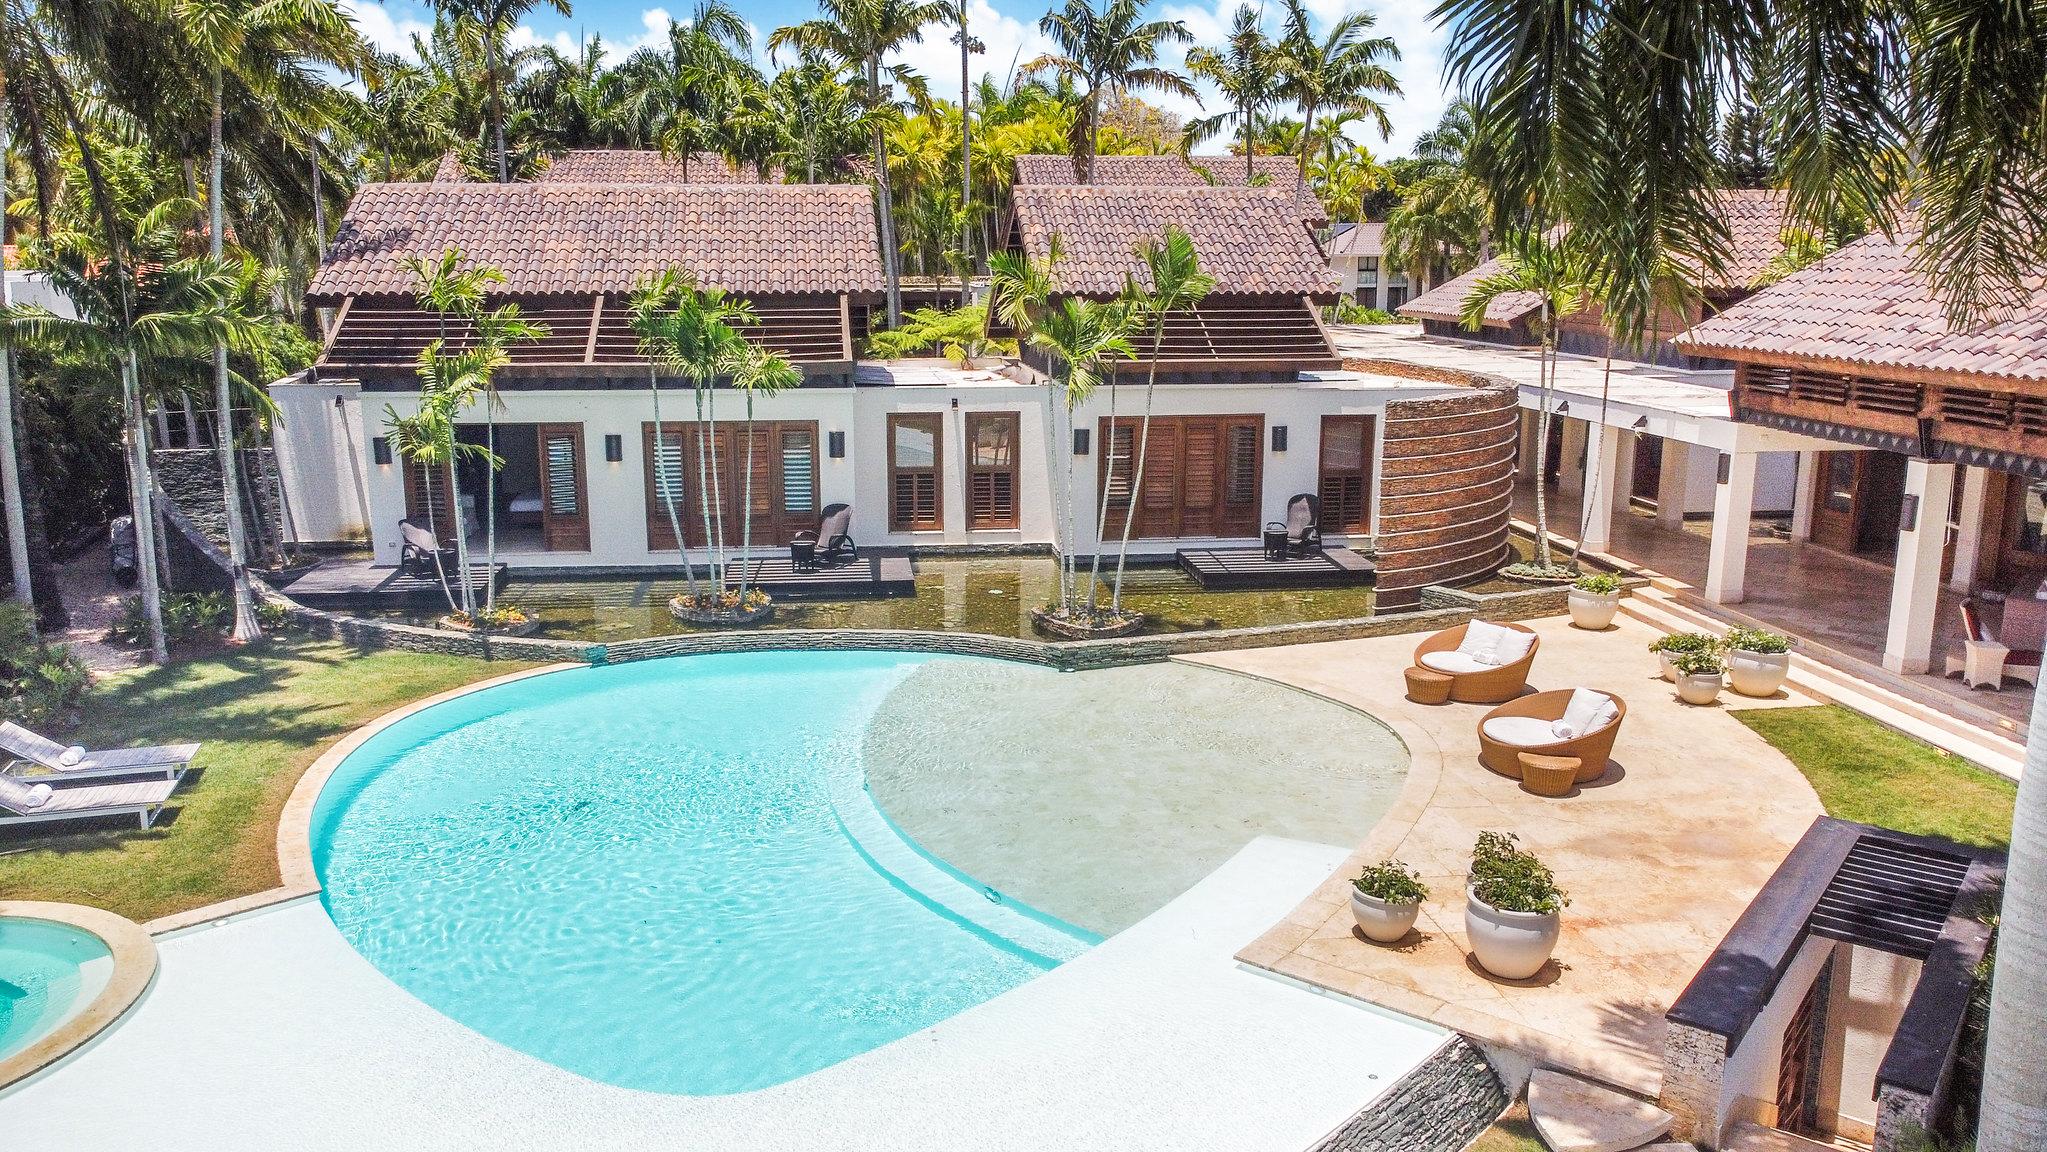 Las Palmas 22 Vacation Rental Casa de Campo Dominican Republic